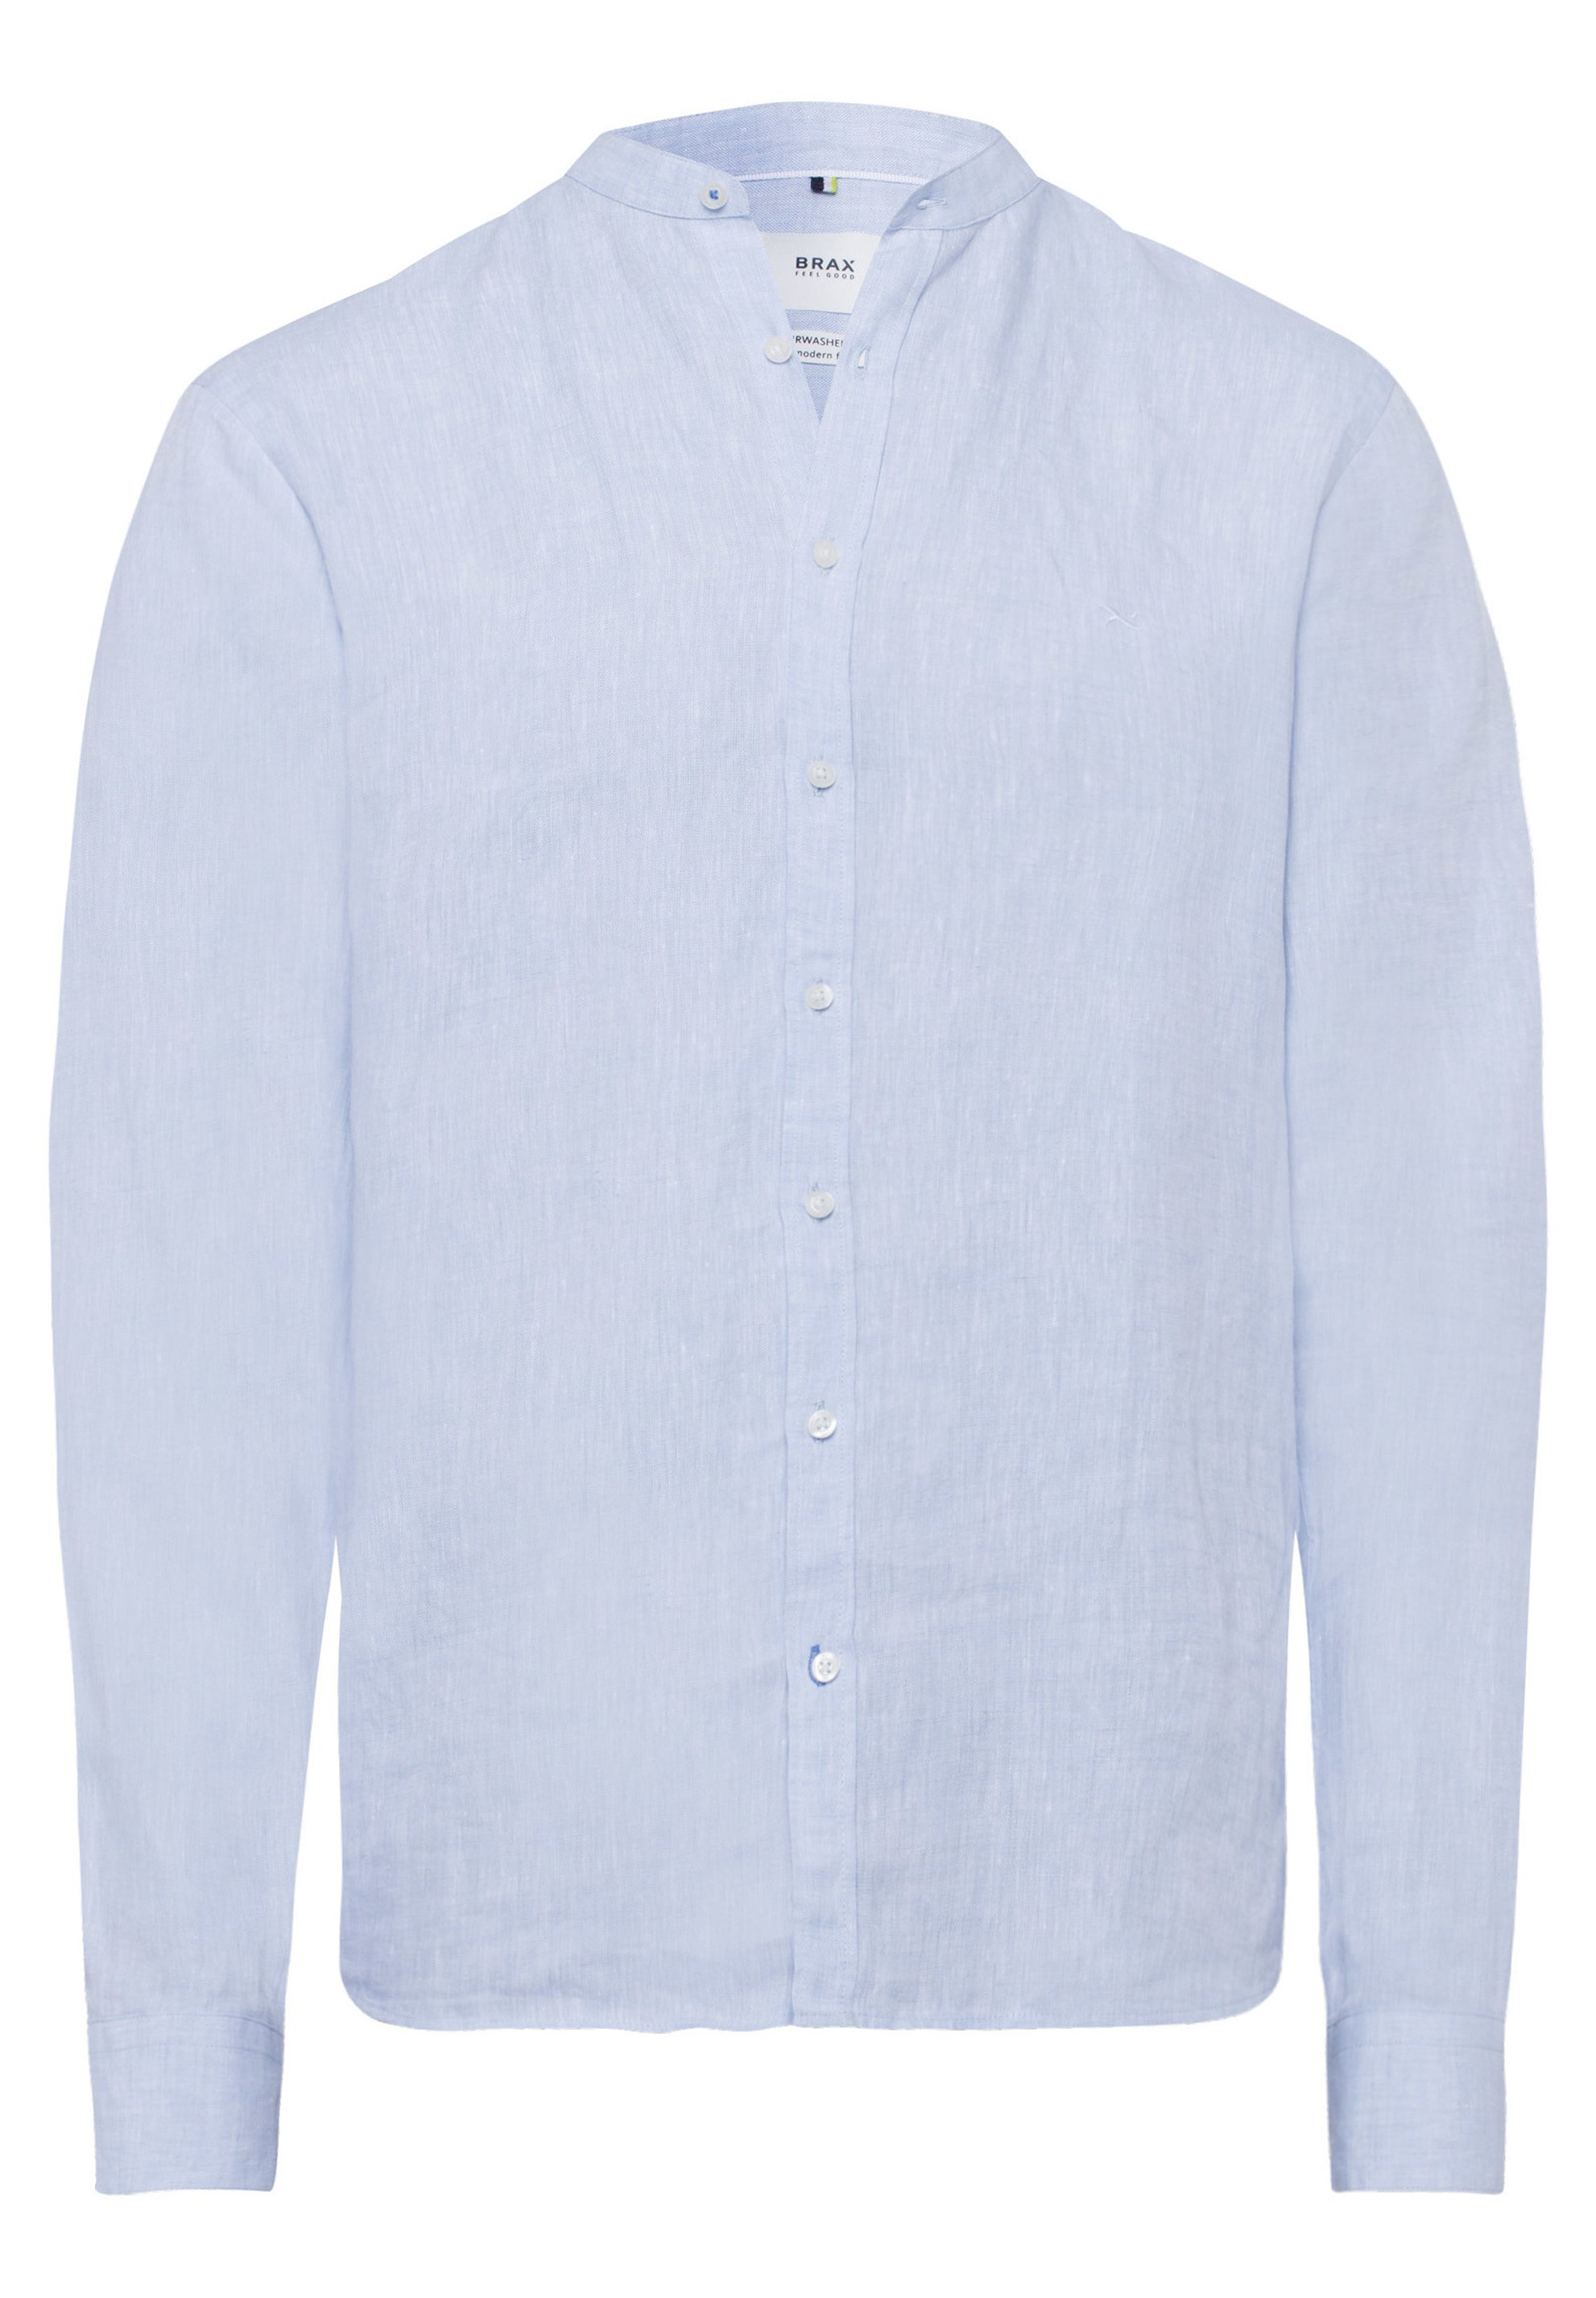 Brax Style Lars - Skjorter Blue